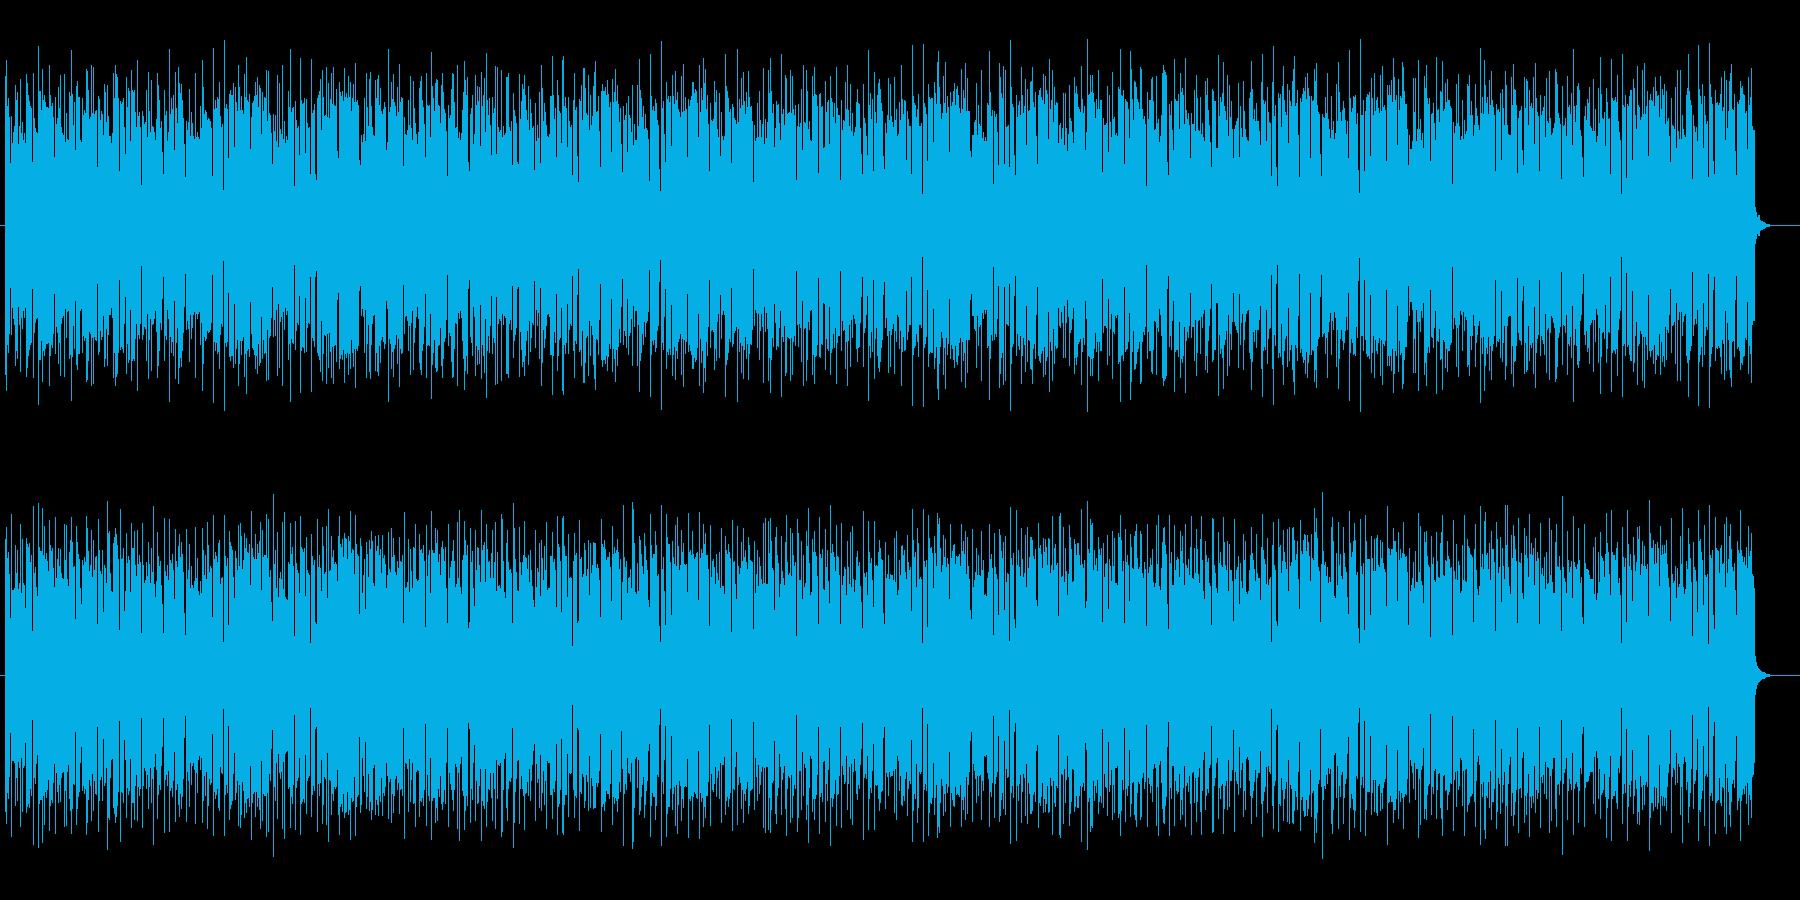 メロディアスでメローなジャズサウンドの再生済みの波形